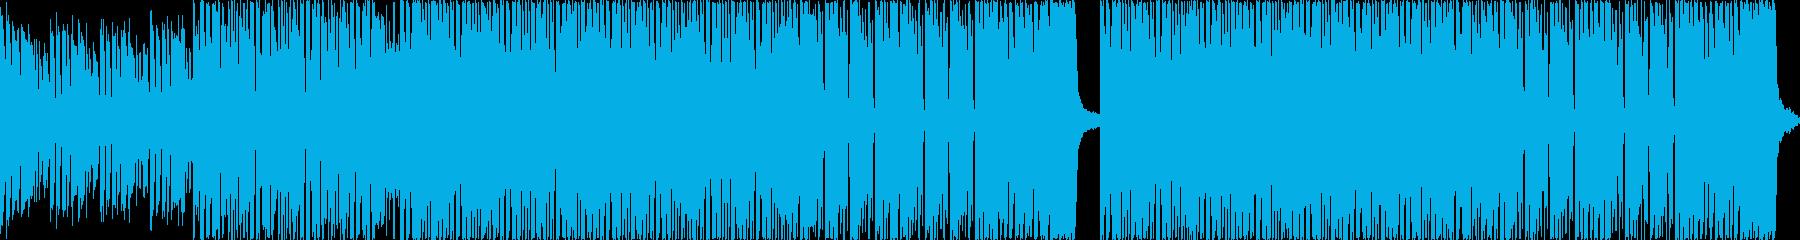 近未来を予感させるEDM系楽曲の再生済みの波形